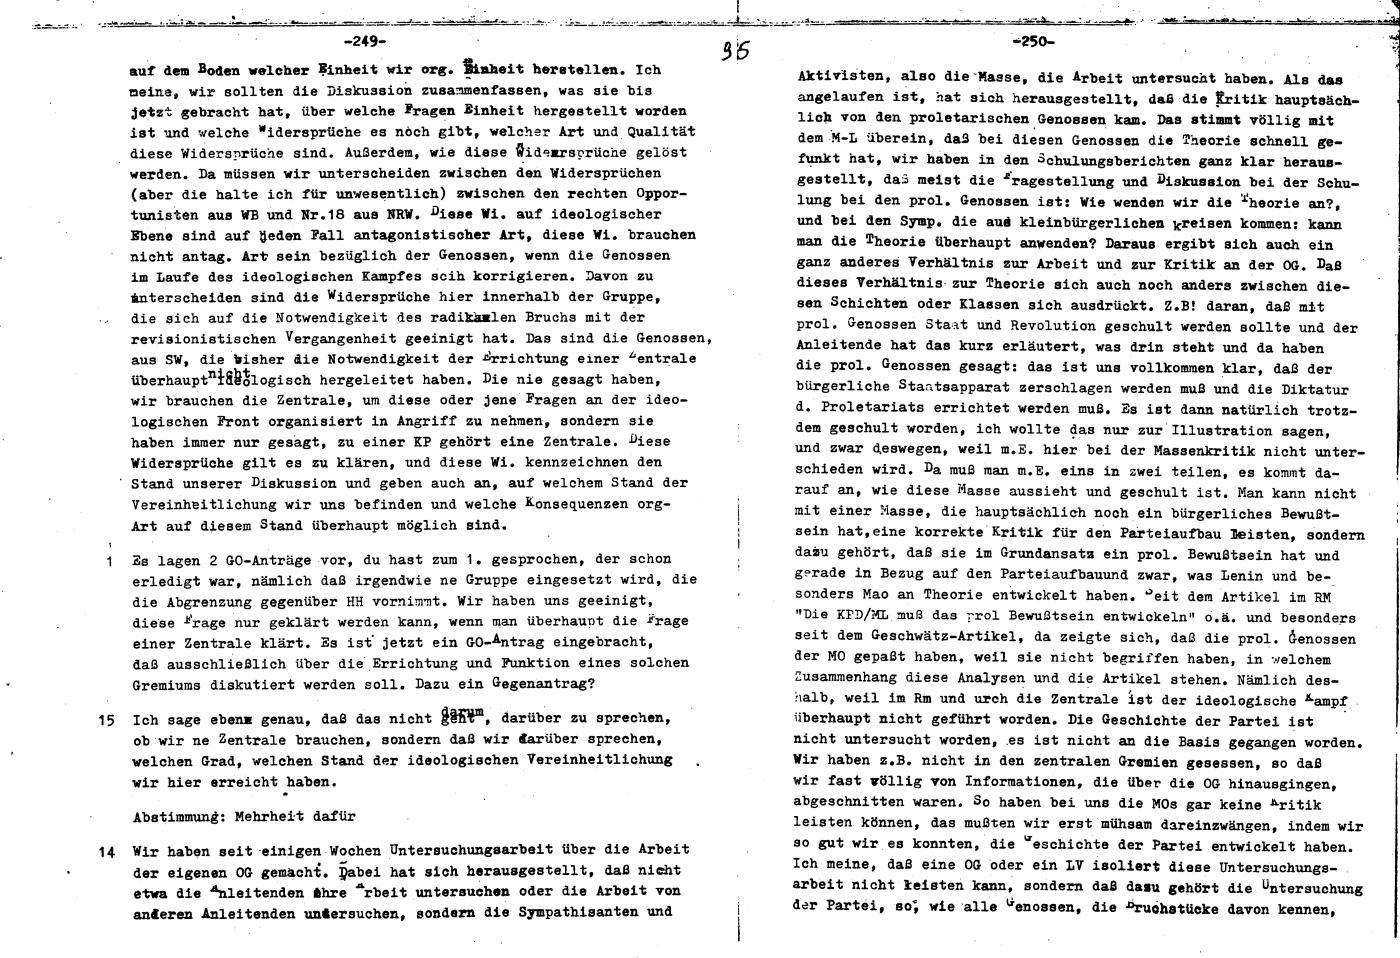 KPDML_1971_Wortprotokolle_aoPt_063